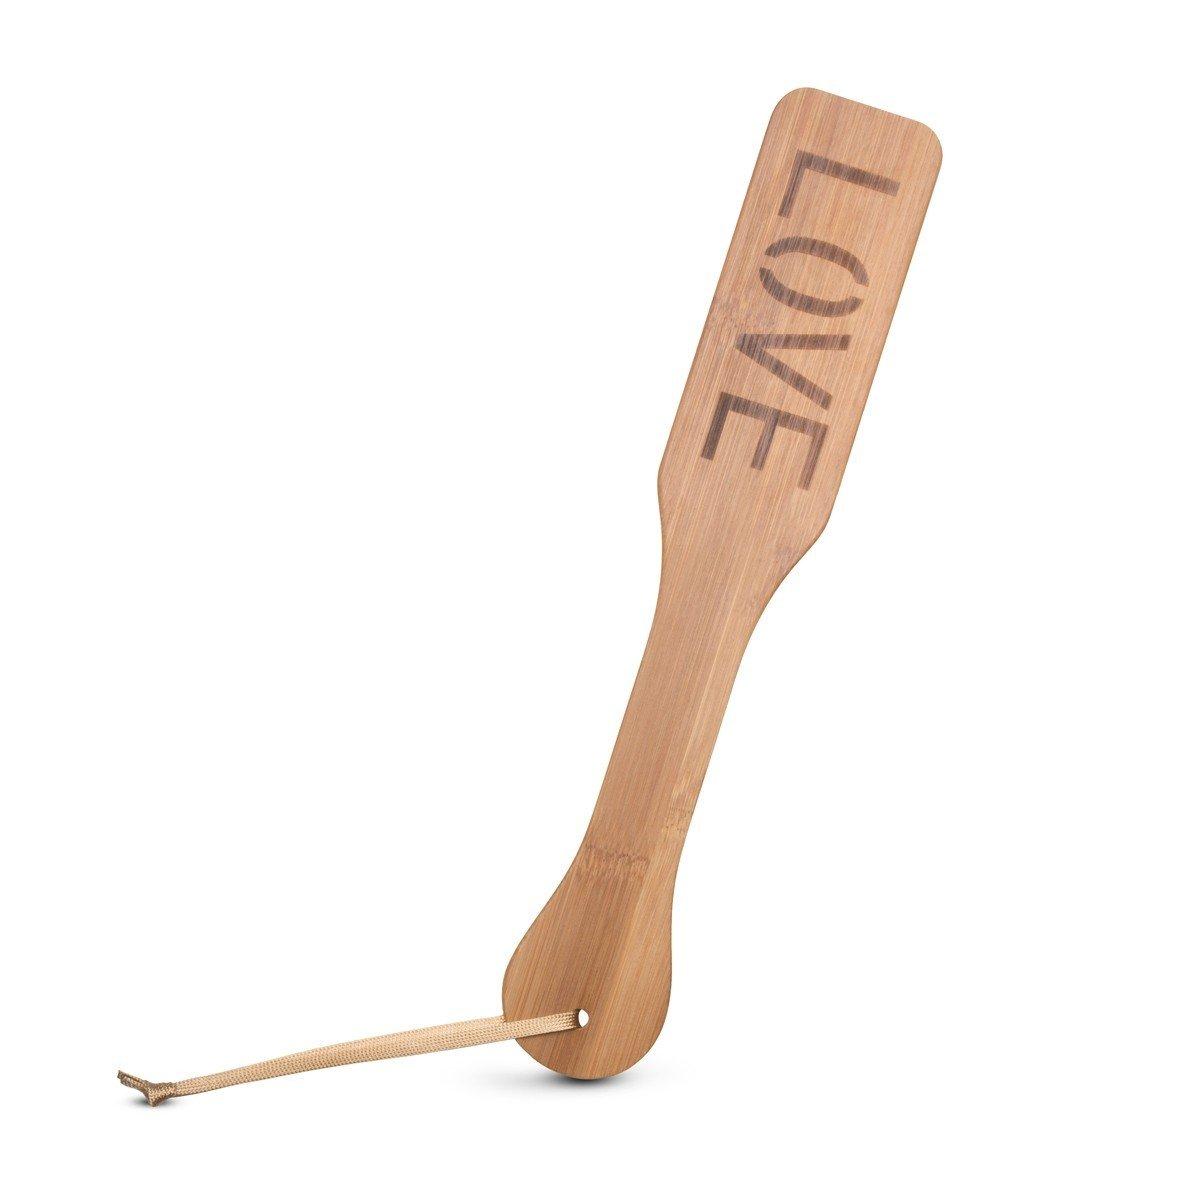 Plácačka EasyToys Bamboo Paddle Love